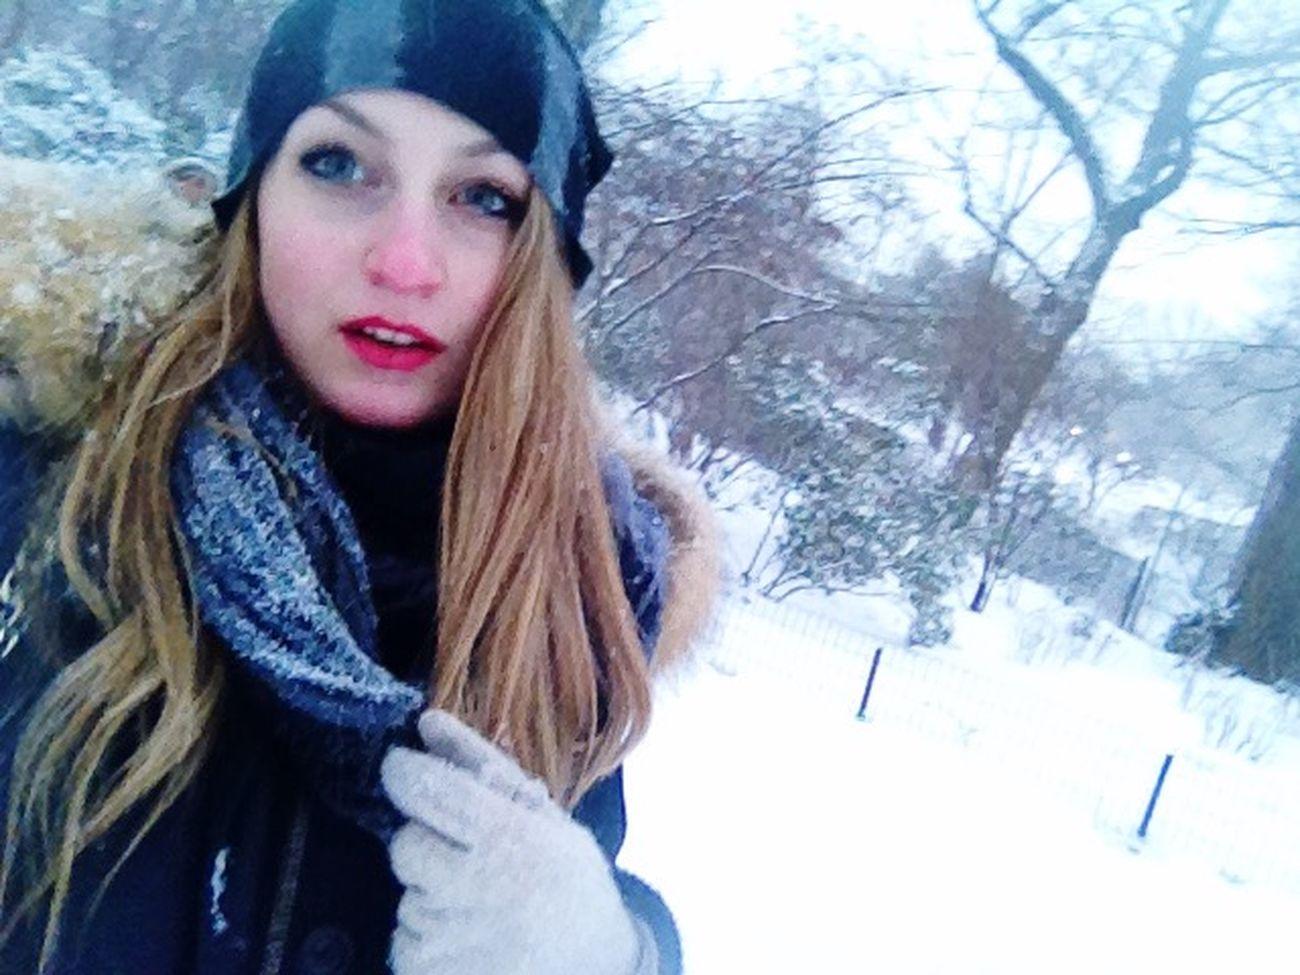 Central Park Tutta Neve Fa Poco Freddo è Un Sogno Faccia Da Culo Mode On Ma Sti Cazzi New York Let It Snow